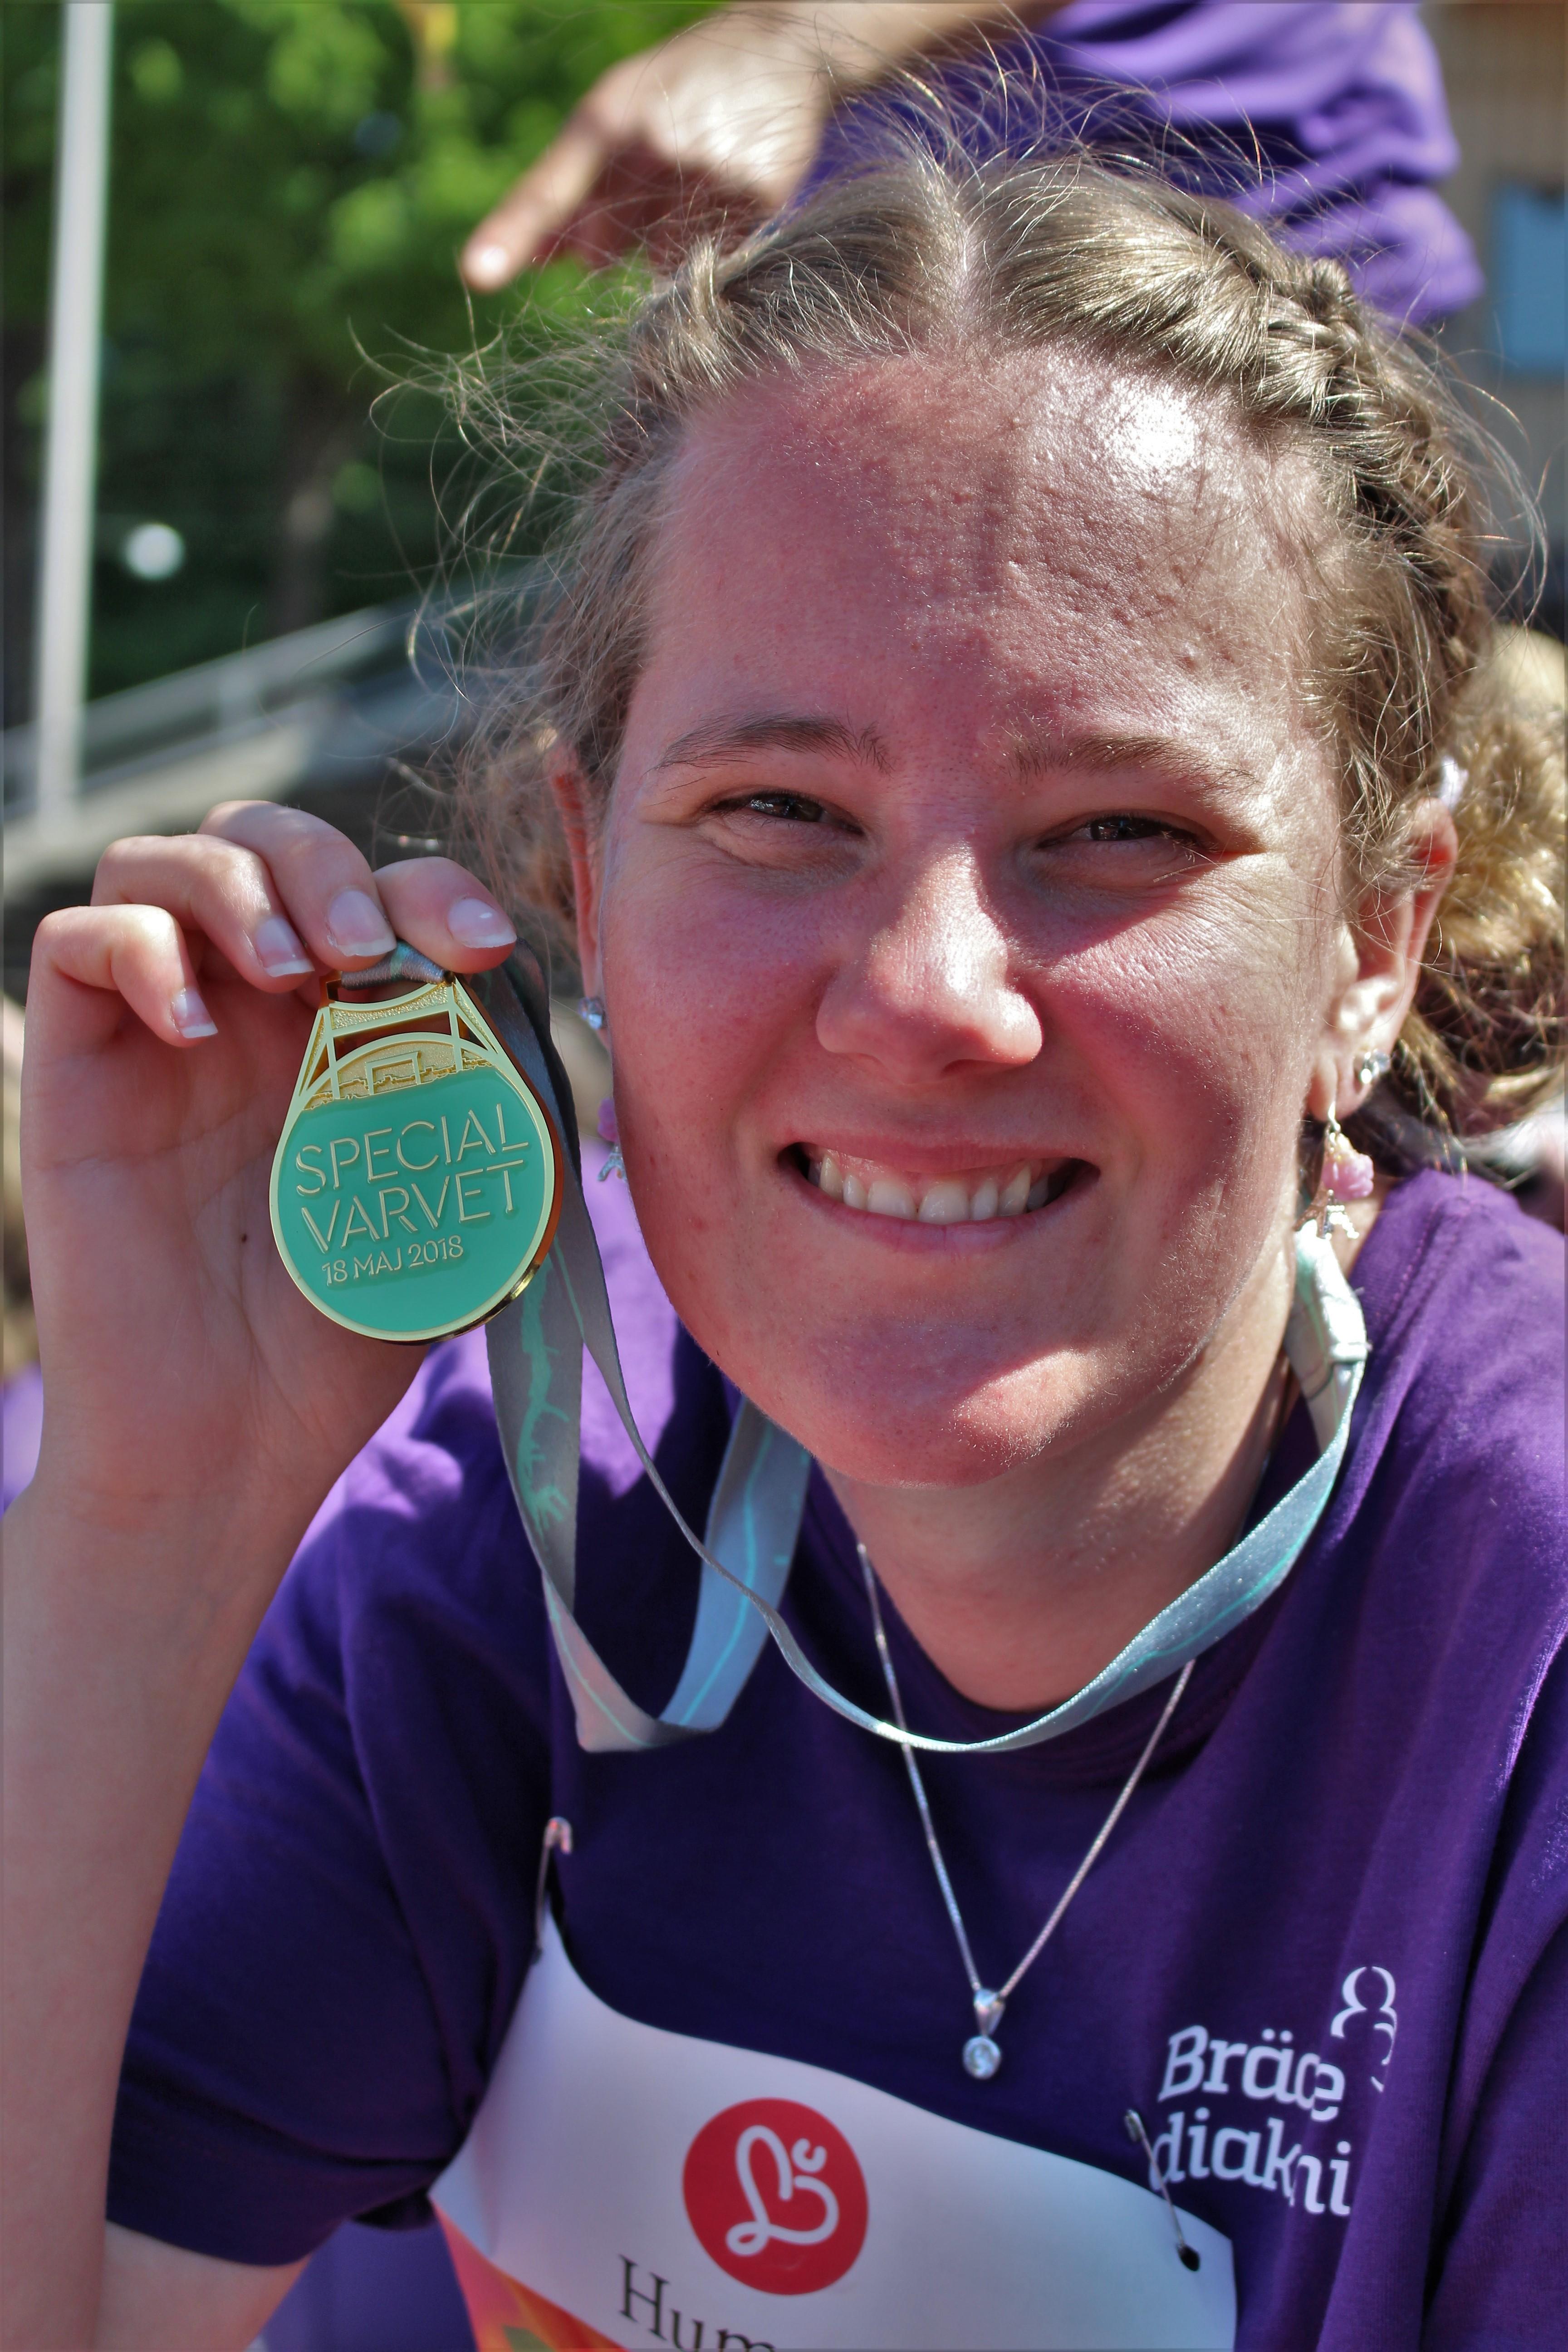 Sara med sin medalj